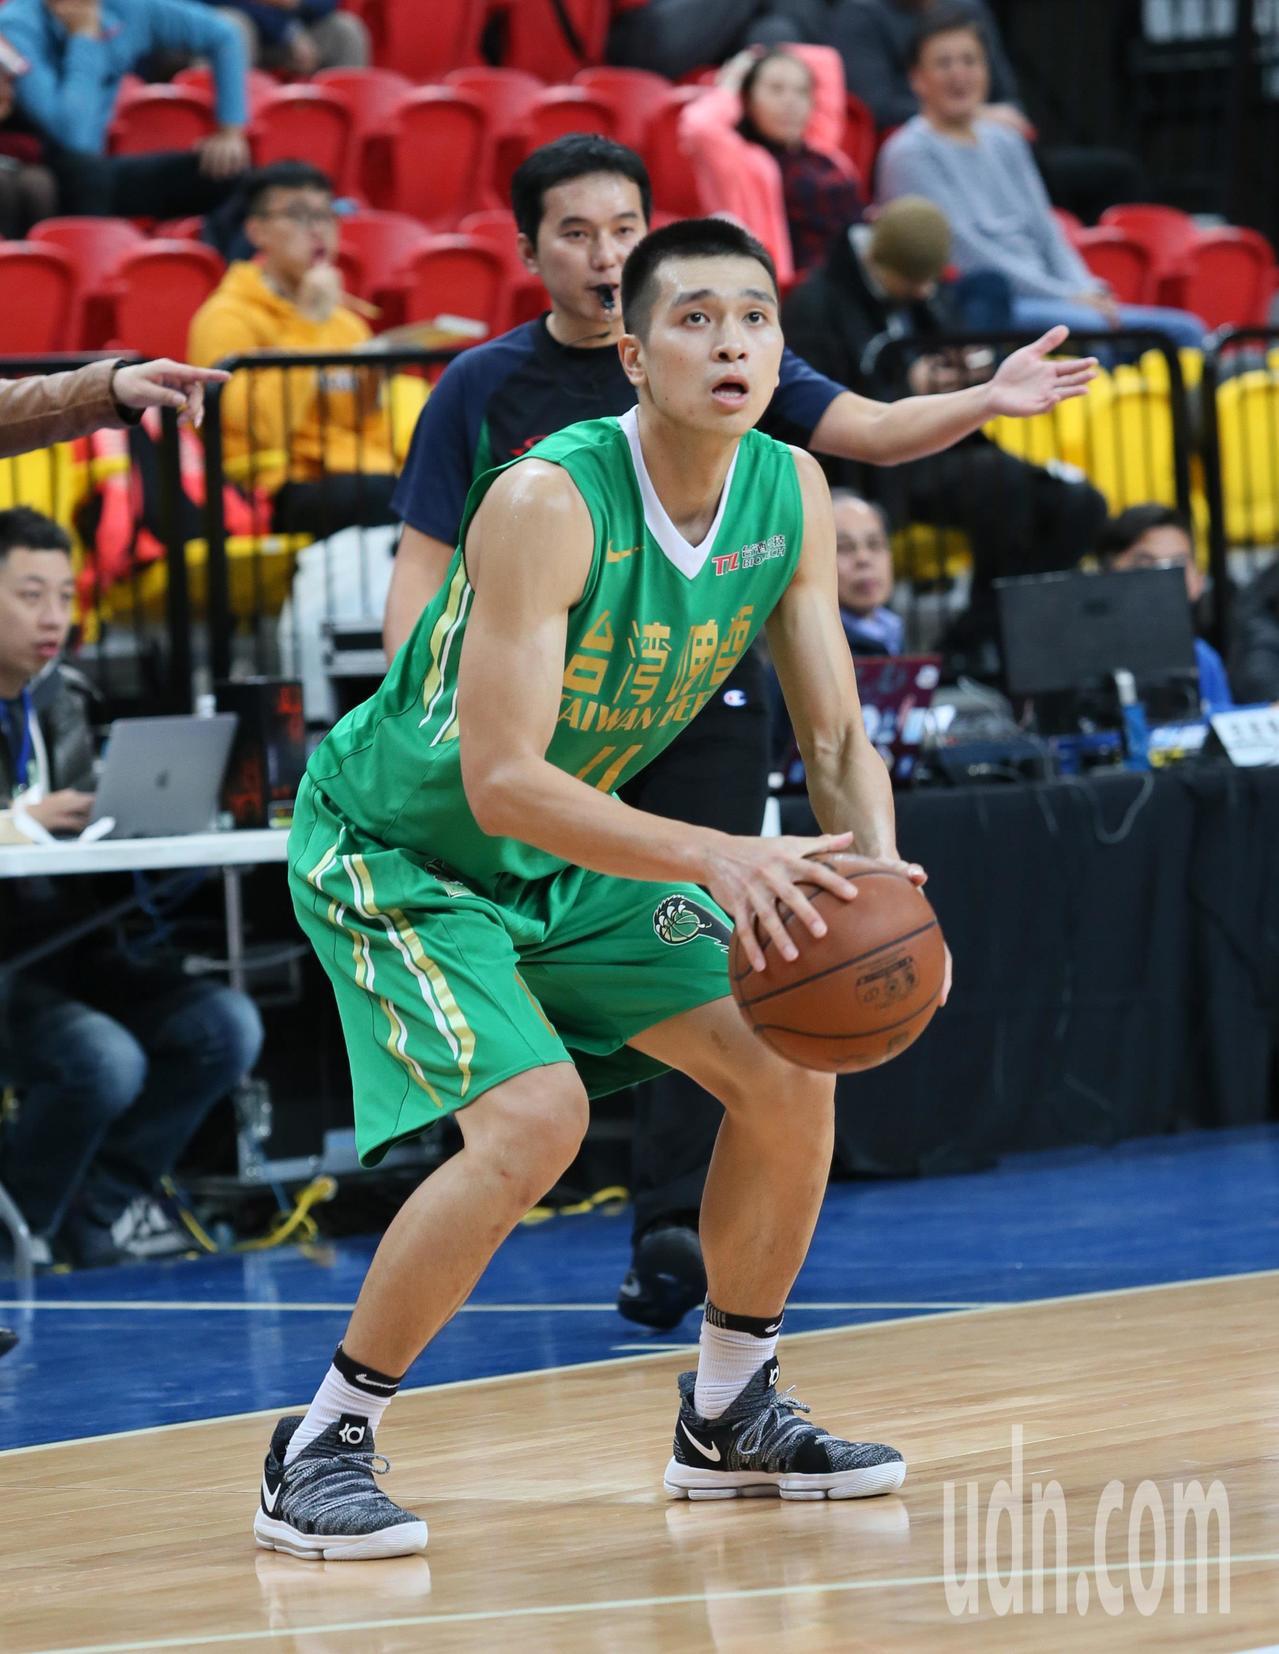 台灣啤酒黃聰翰靠三分球得全隊最高分17分。記者陳柏亨/攝影